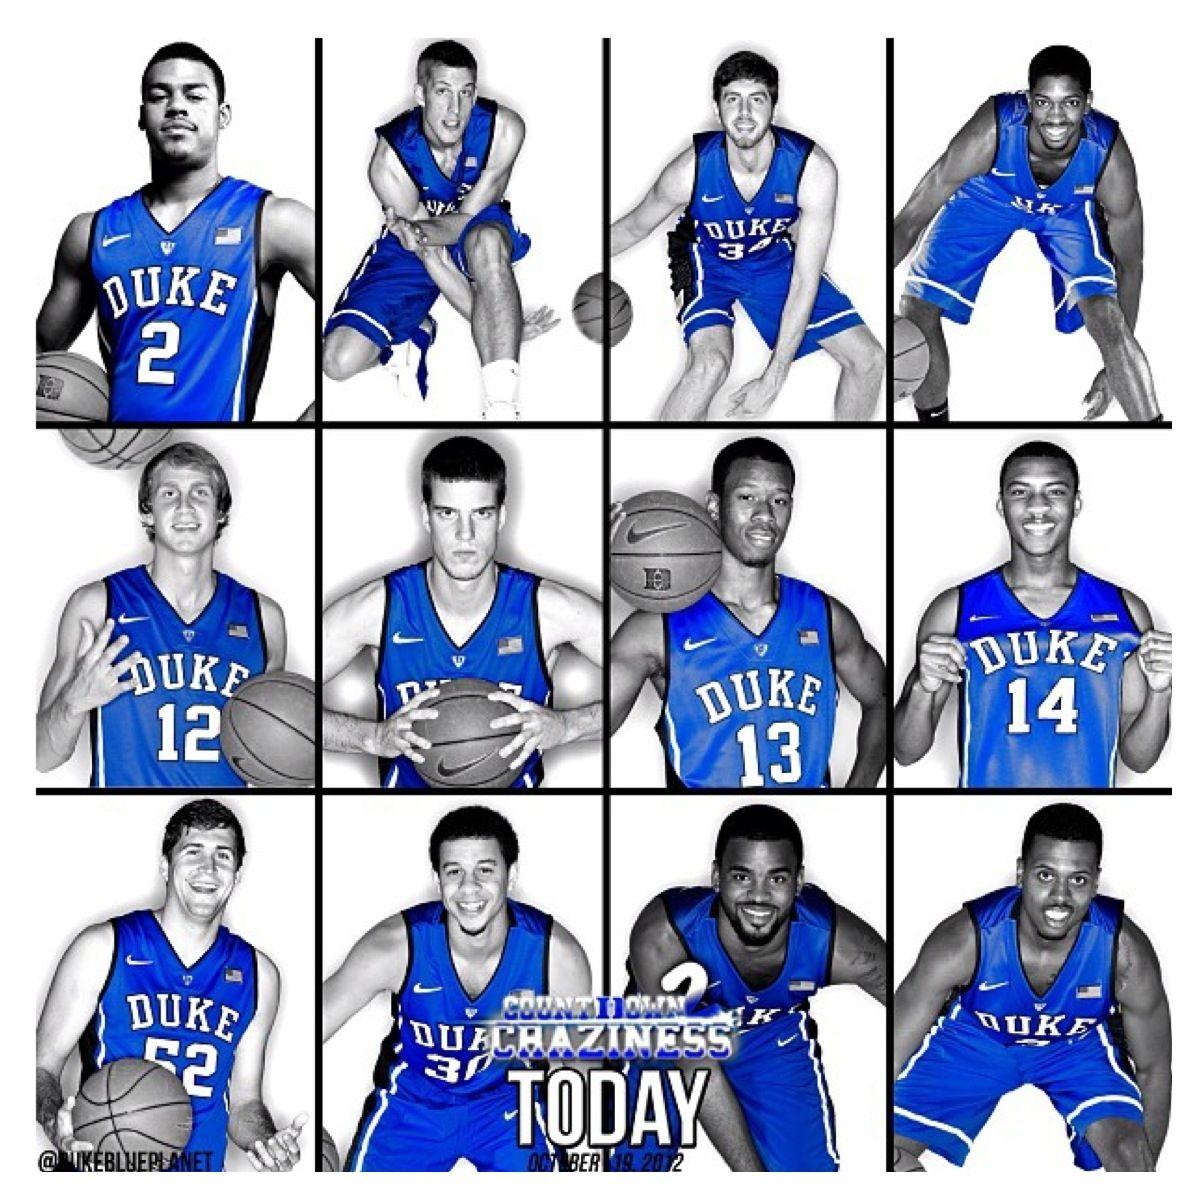 2012 2013 Duke B Ball Basketball Senior Pictures Duke Blue Devils Duke Basketball